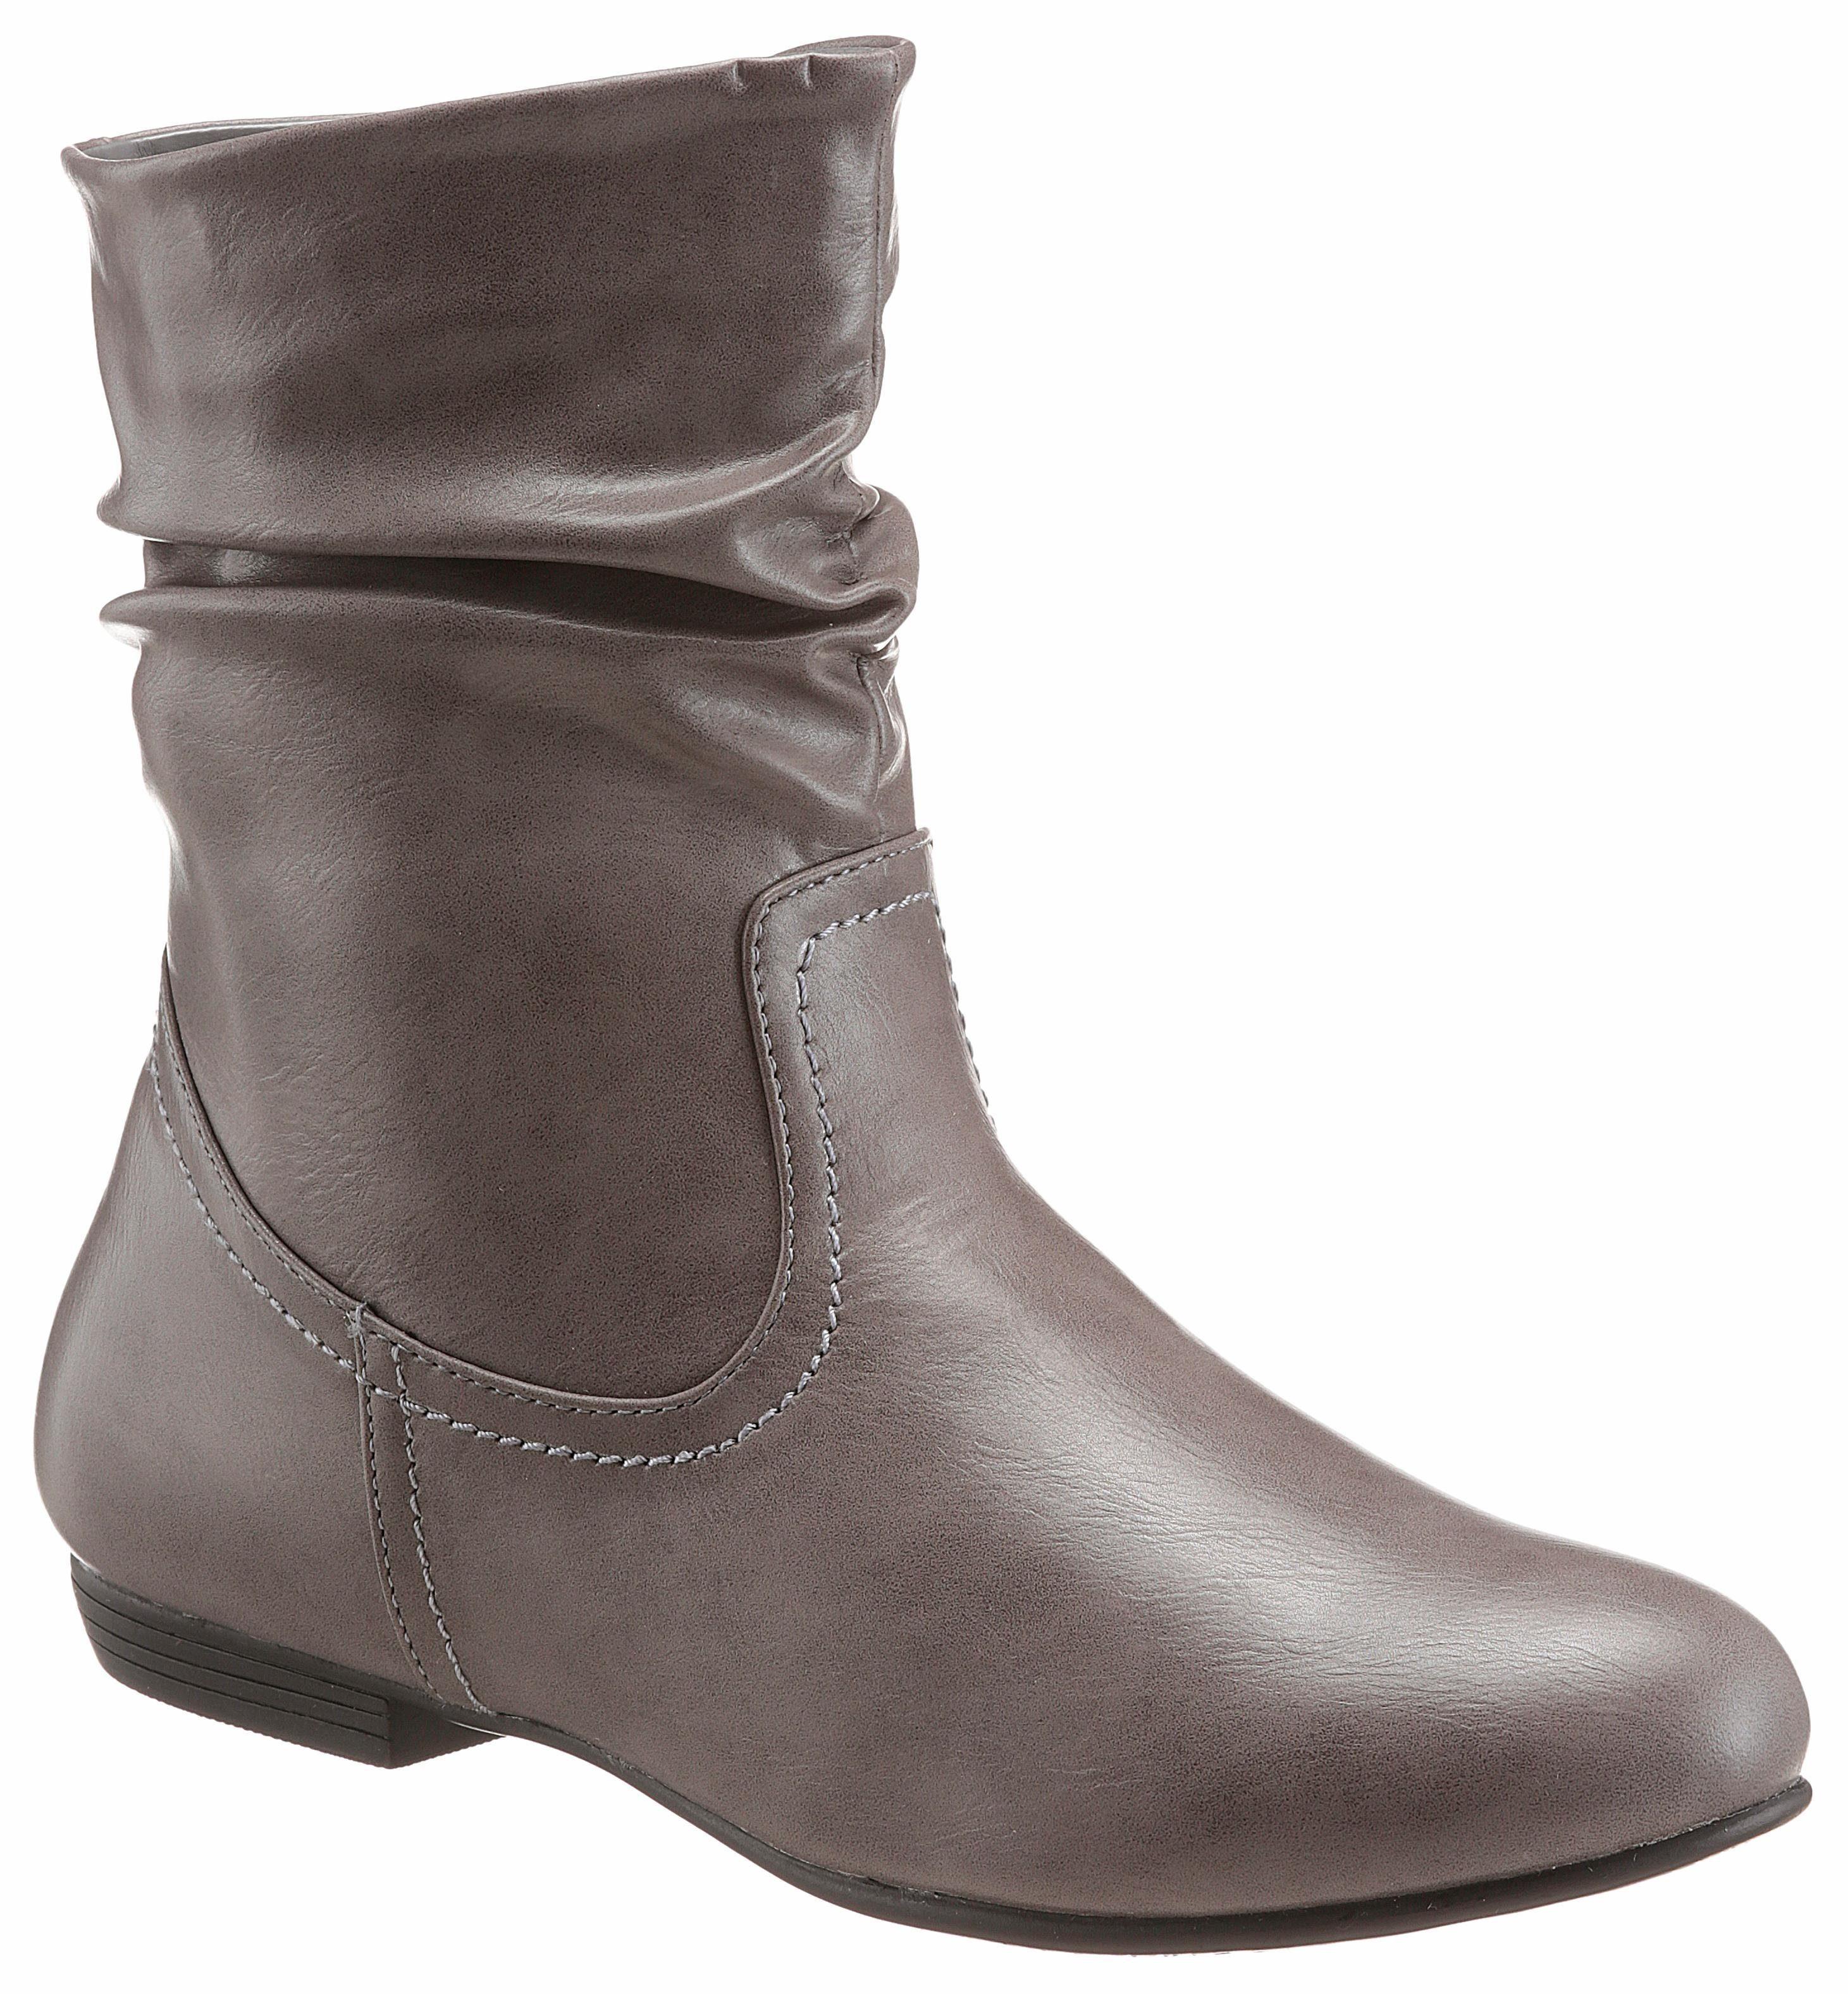 CITY WALK Stiefelette mit Raffungen am Schaft, Praktischer Reißverschluss an der Schuhinnenseite online kaufen | OTTO